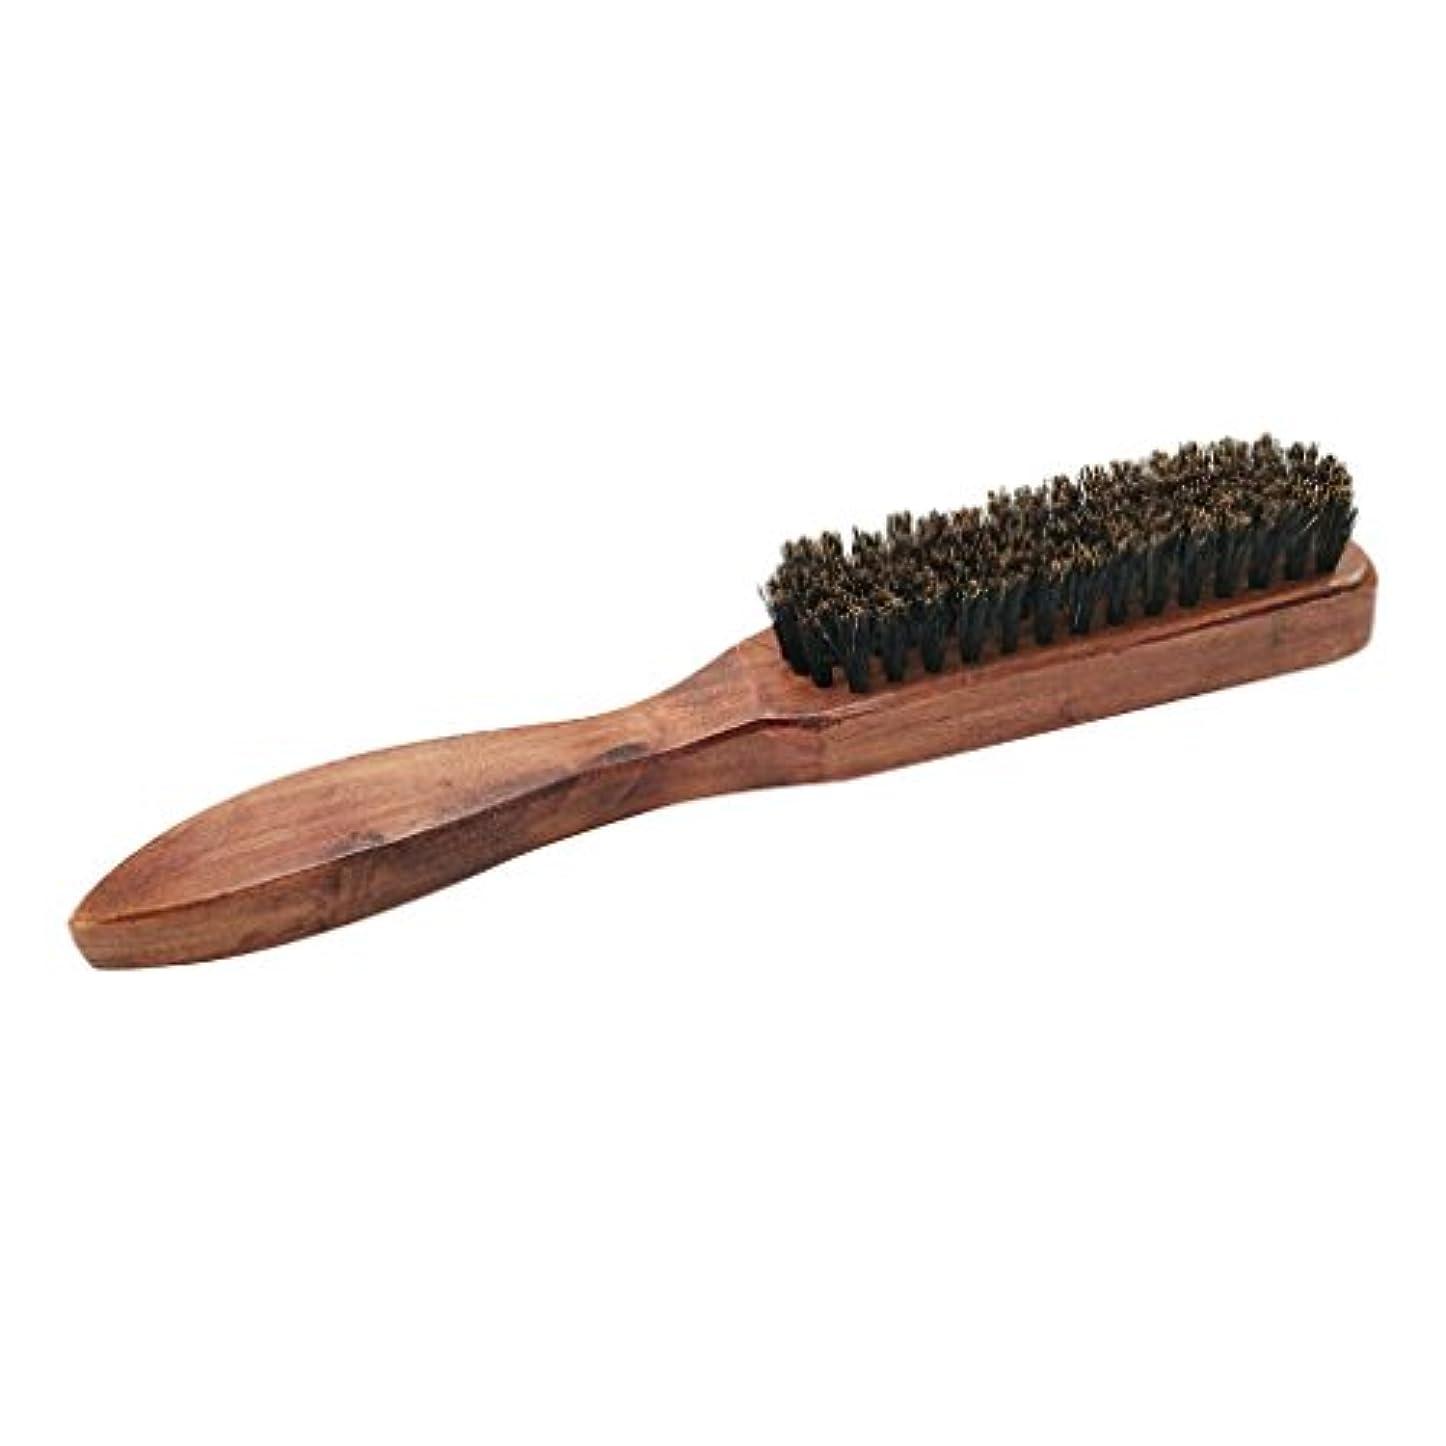 息切れ仕様配置口ひげ 毛のブラシ ひげブラシ ひげ櫛 木製 櫛 ヘアブラシ 2タイプ選べる - #2